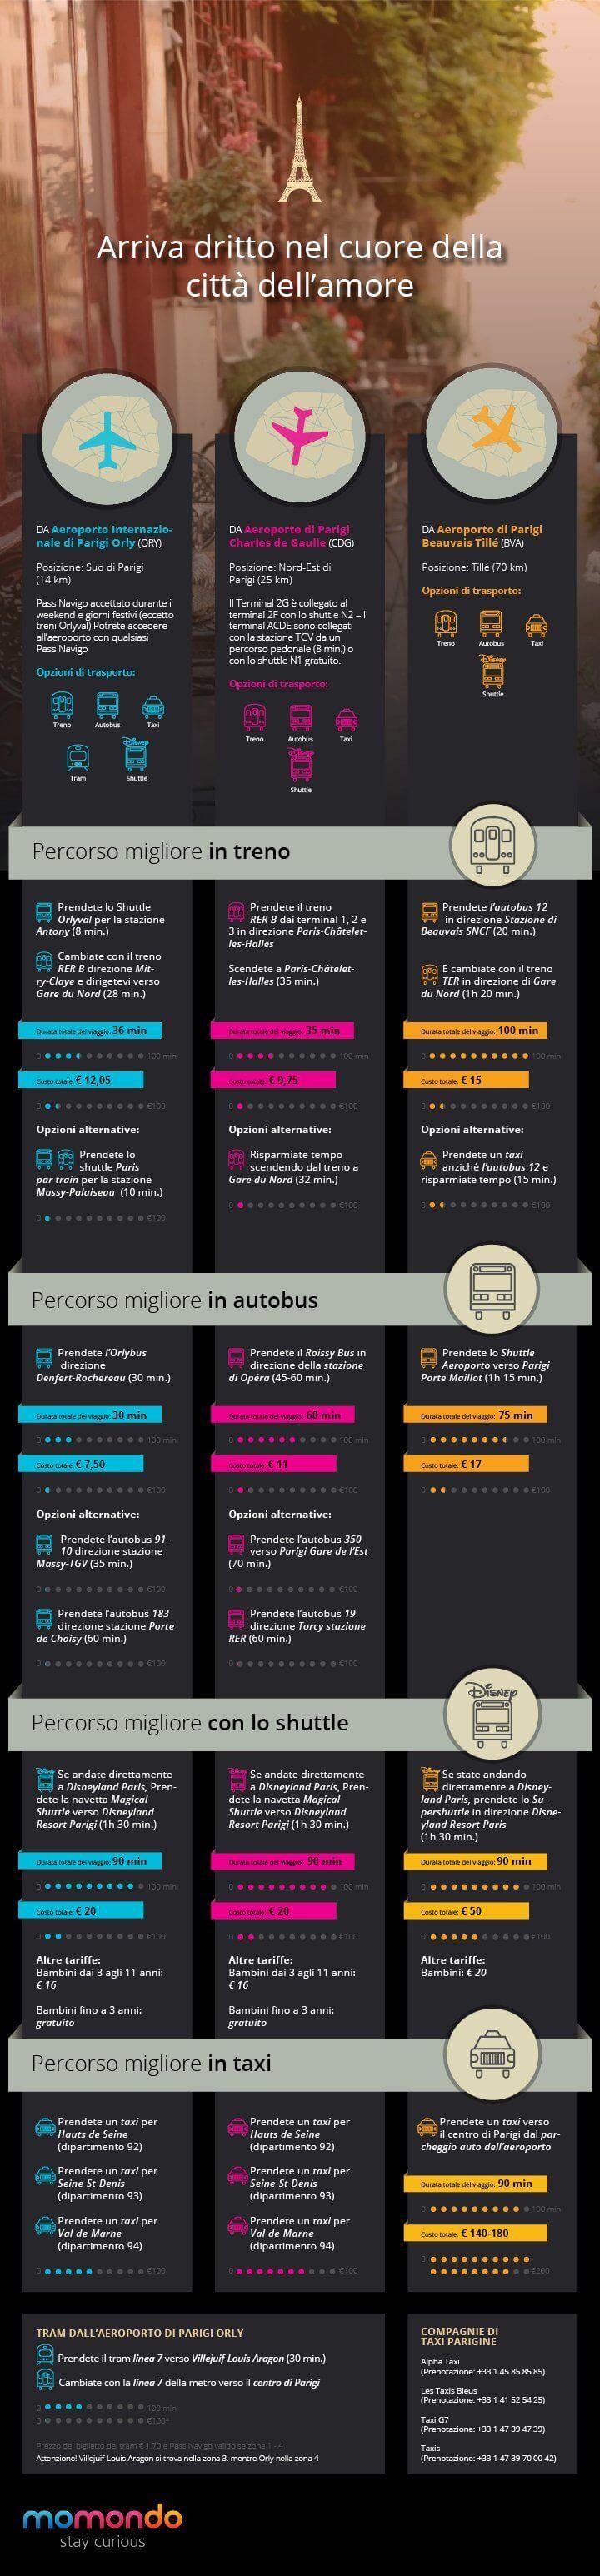 Paris_infographic_v4_IT1